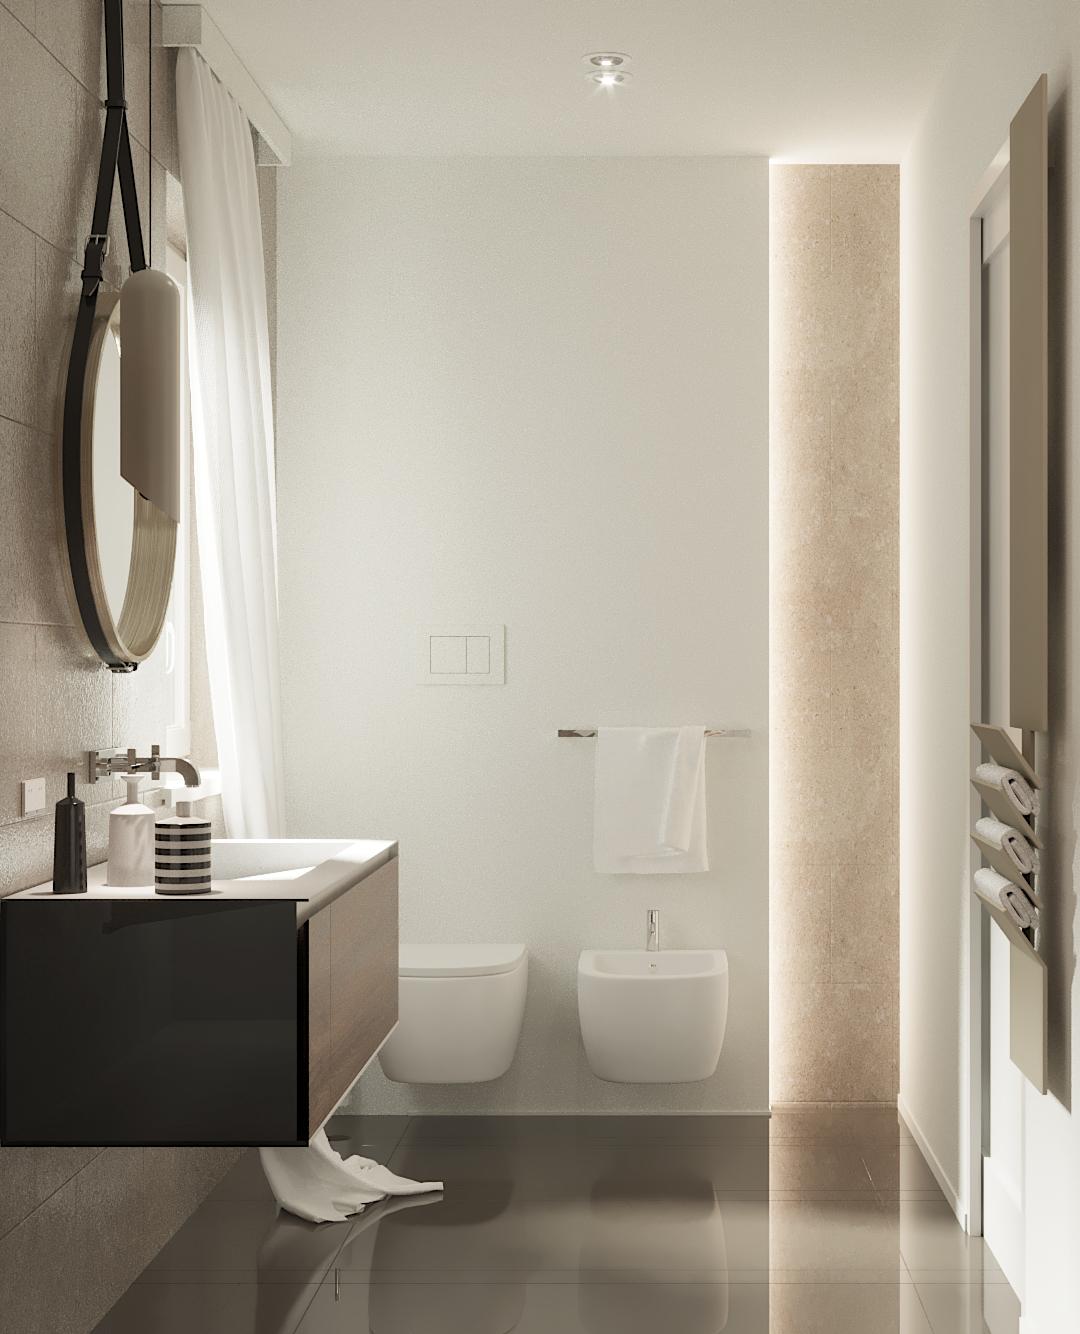 Illuminare il bagno le pi belle lampade a sospensione per specchi e soffitti - Illuminare il bagno ...